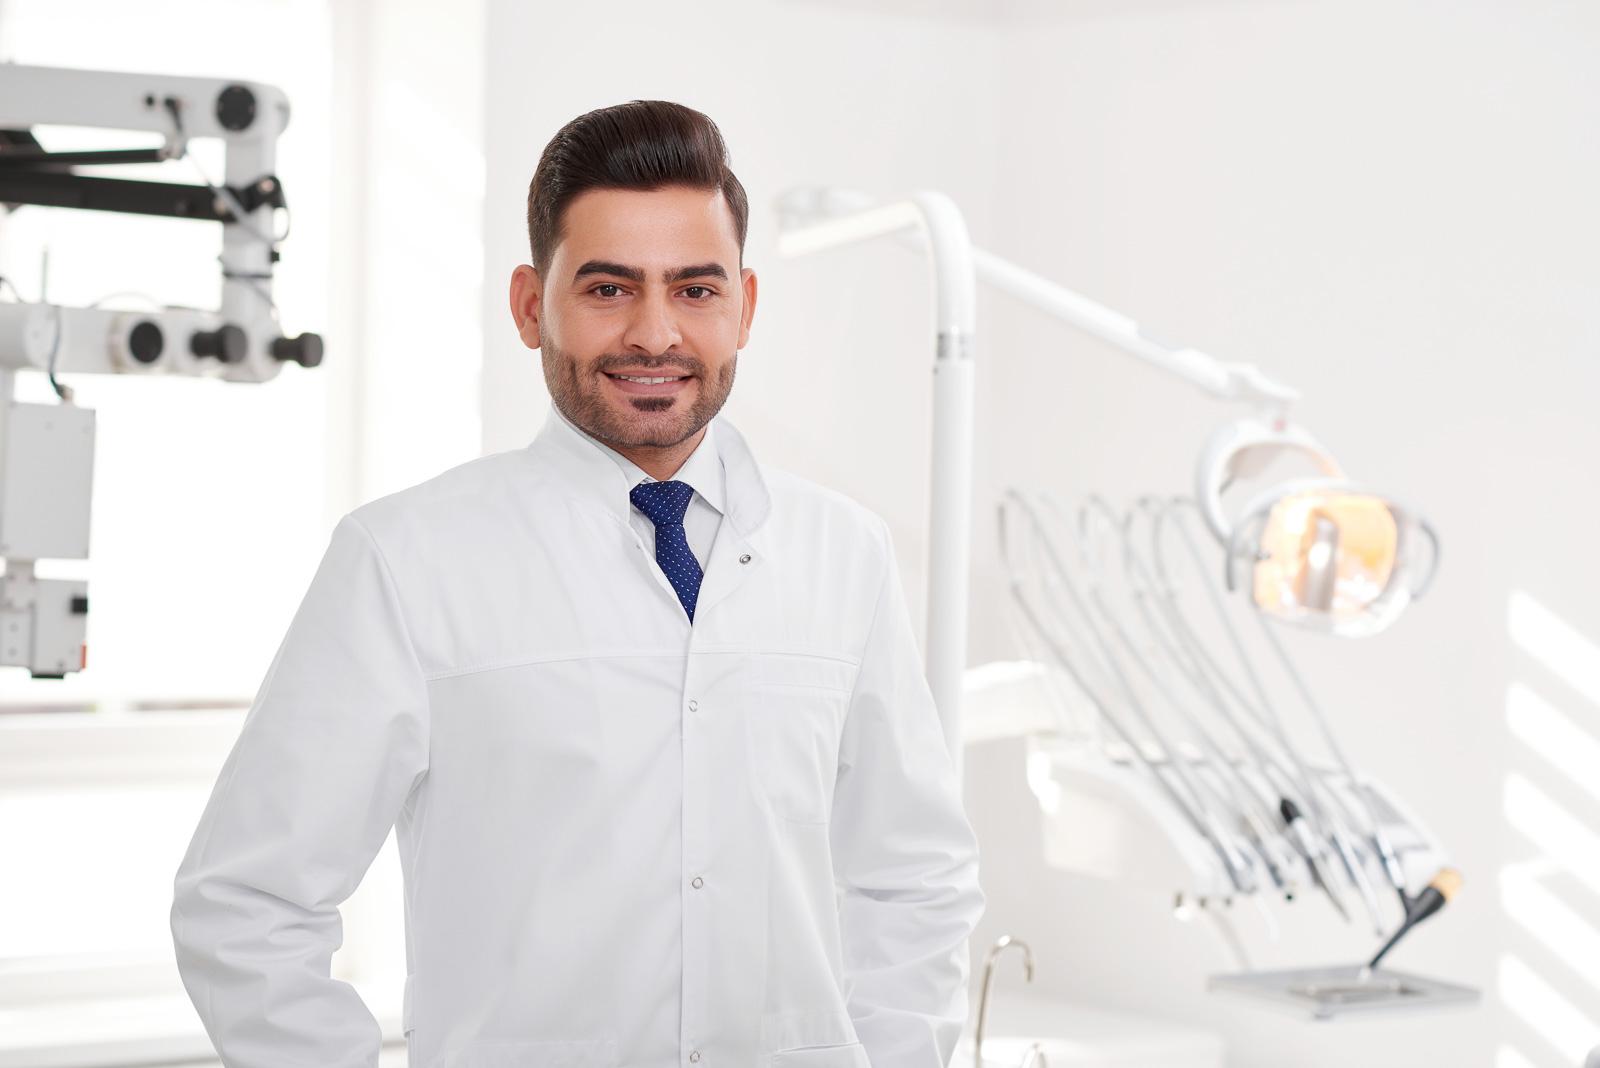 دراسة طب الأسنان في الجامعات التركية الخاصة من أكثر التخصصات المطلوبة من قبل الطلاب الاجانب، تعرّف مع مجموعة معرفة على أهم الوظائف في مجال طب الأسنان.